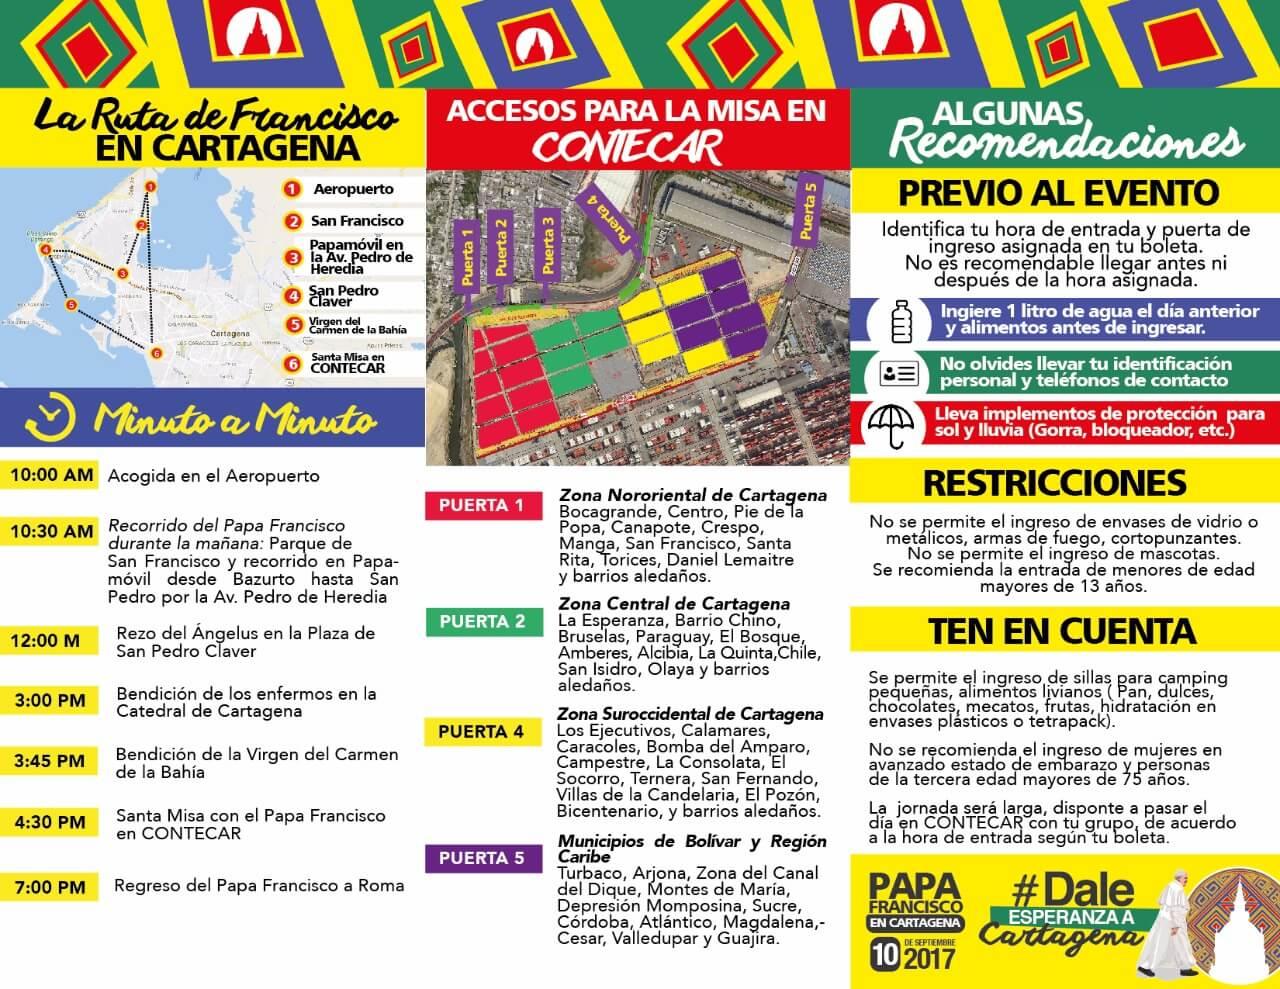 Cartagena visita del Papa Francisco - tríptico informativo